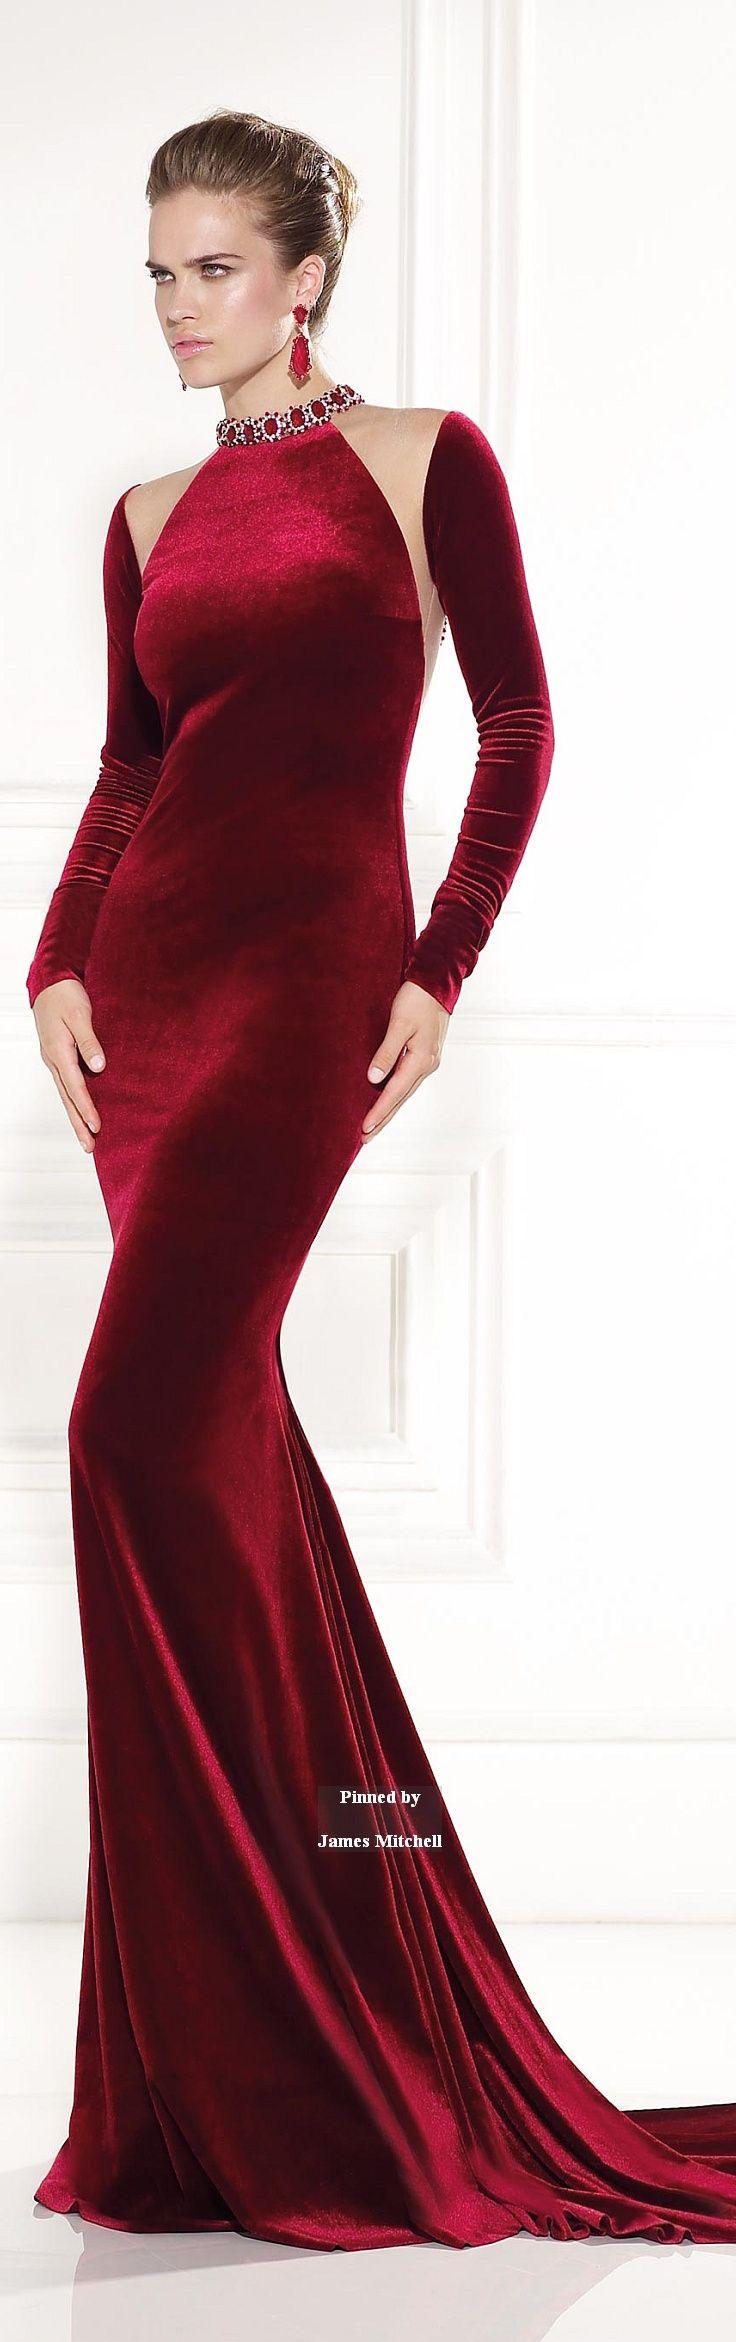 best red velvet images on pinterest color red red velvet and